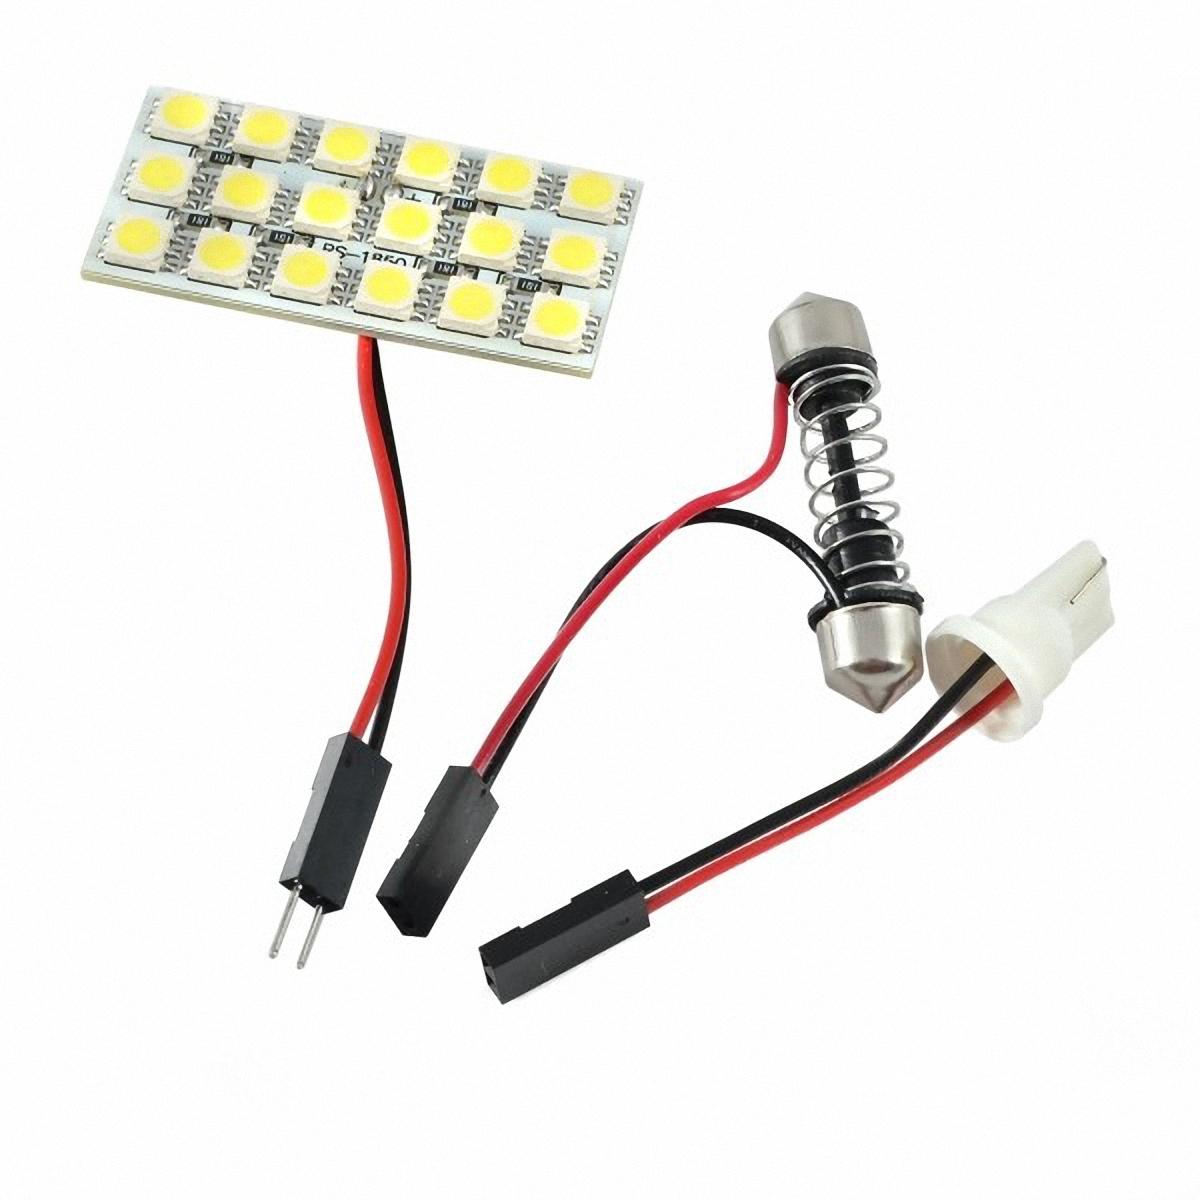 Skyway Панель светодиодная 18 SMD диодов Белая. SCX-1850SCX-1850Светодиодные панели имеют значительно больший срок службы, потребляют намного меньше электроэнергии и выдают свет значительно мягче и ровнее, чем те же люминесцентные лампы, не говоря уже о лампах накаливания. Они очень удобны, легко вставляются и достаточно практичны.